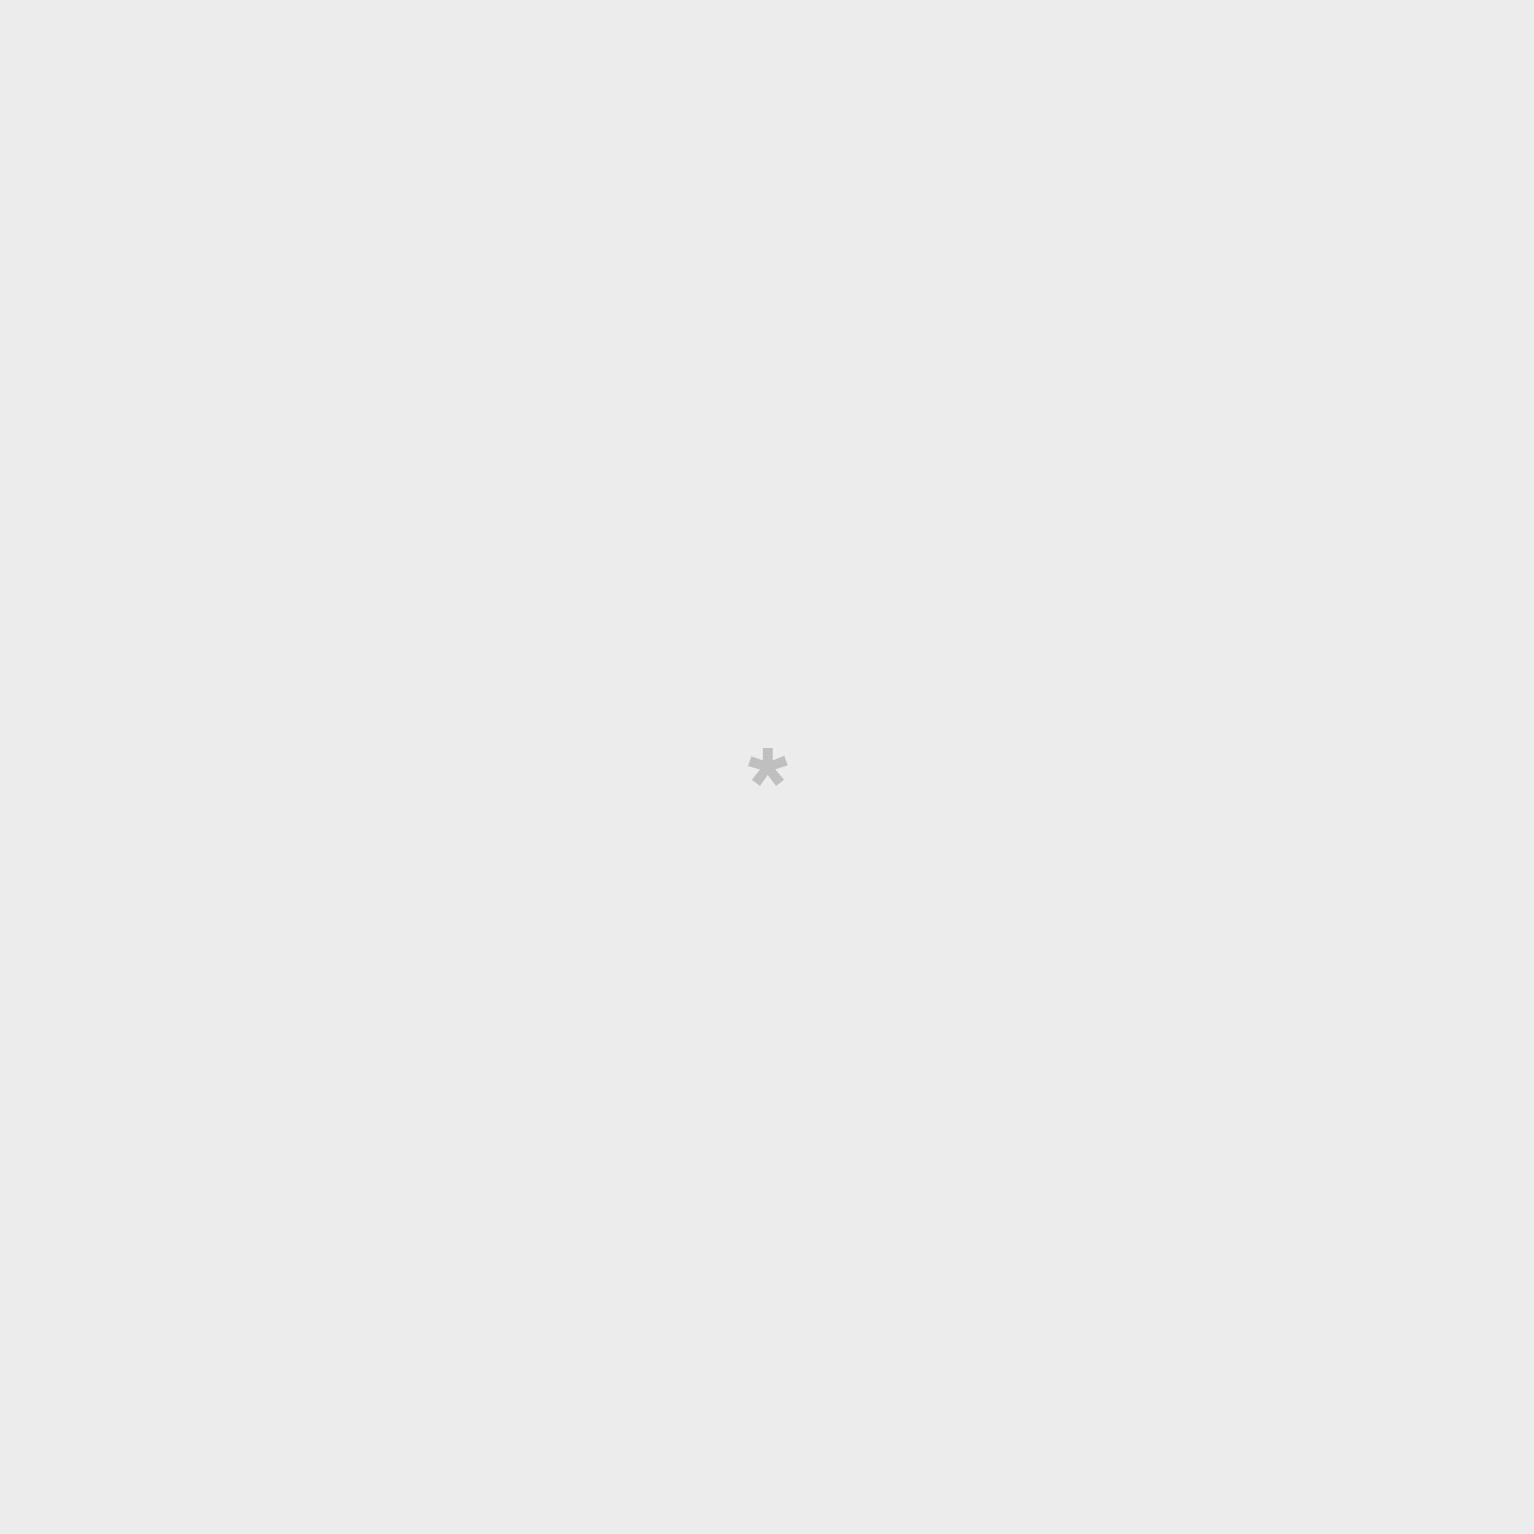 Gioco di carte - 100 domande alle quali solo noi due sappiamo rispondere